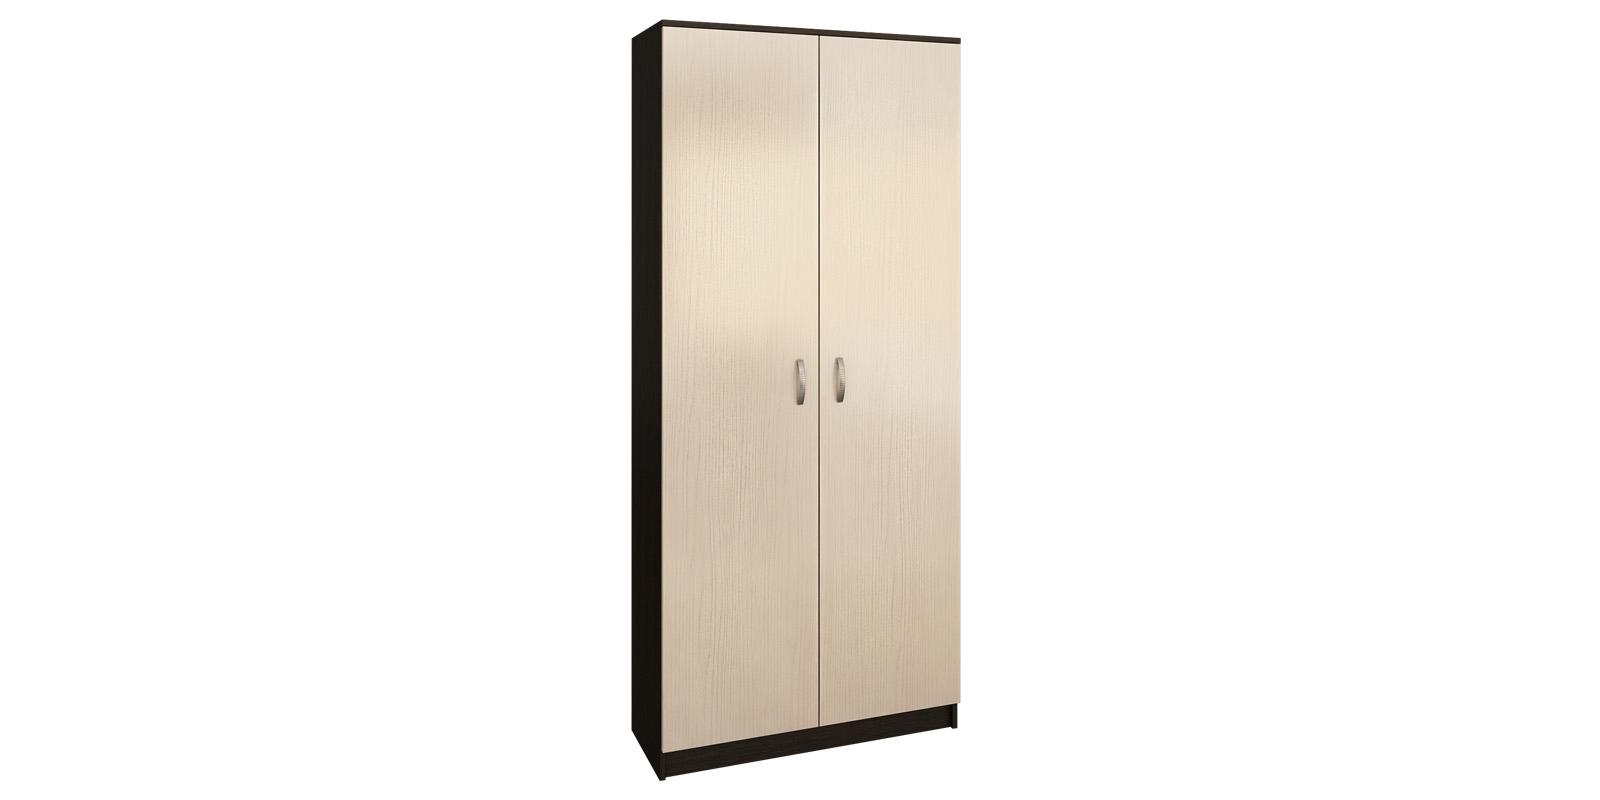 Шкаф распашной двухдверный Хельга вариант №1 (венге/дуб молочный) Хельга